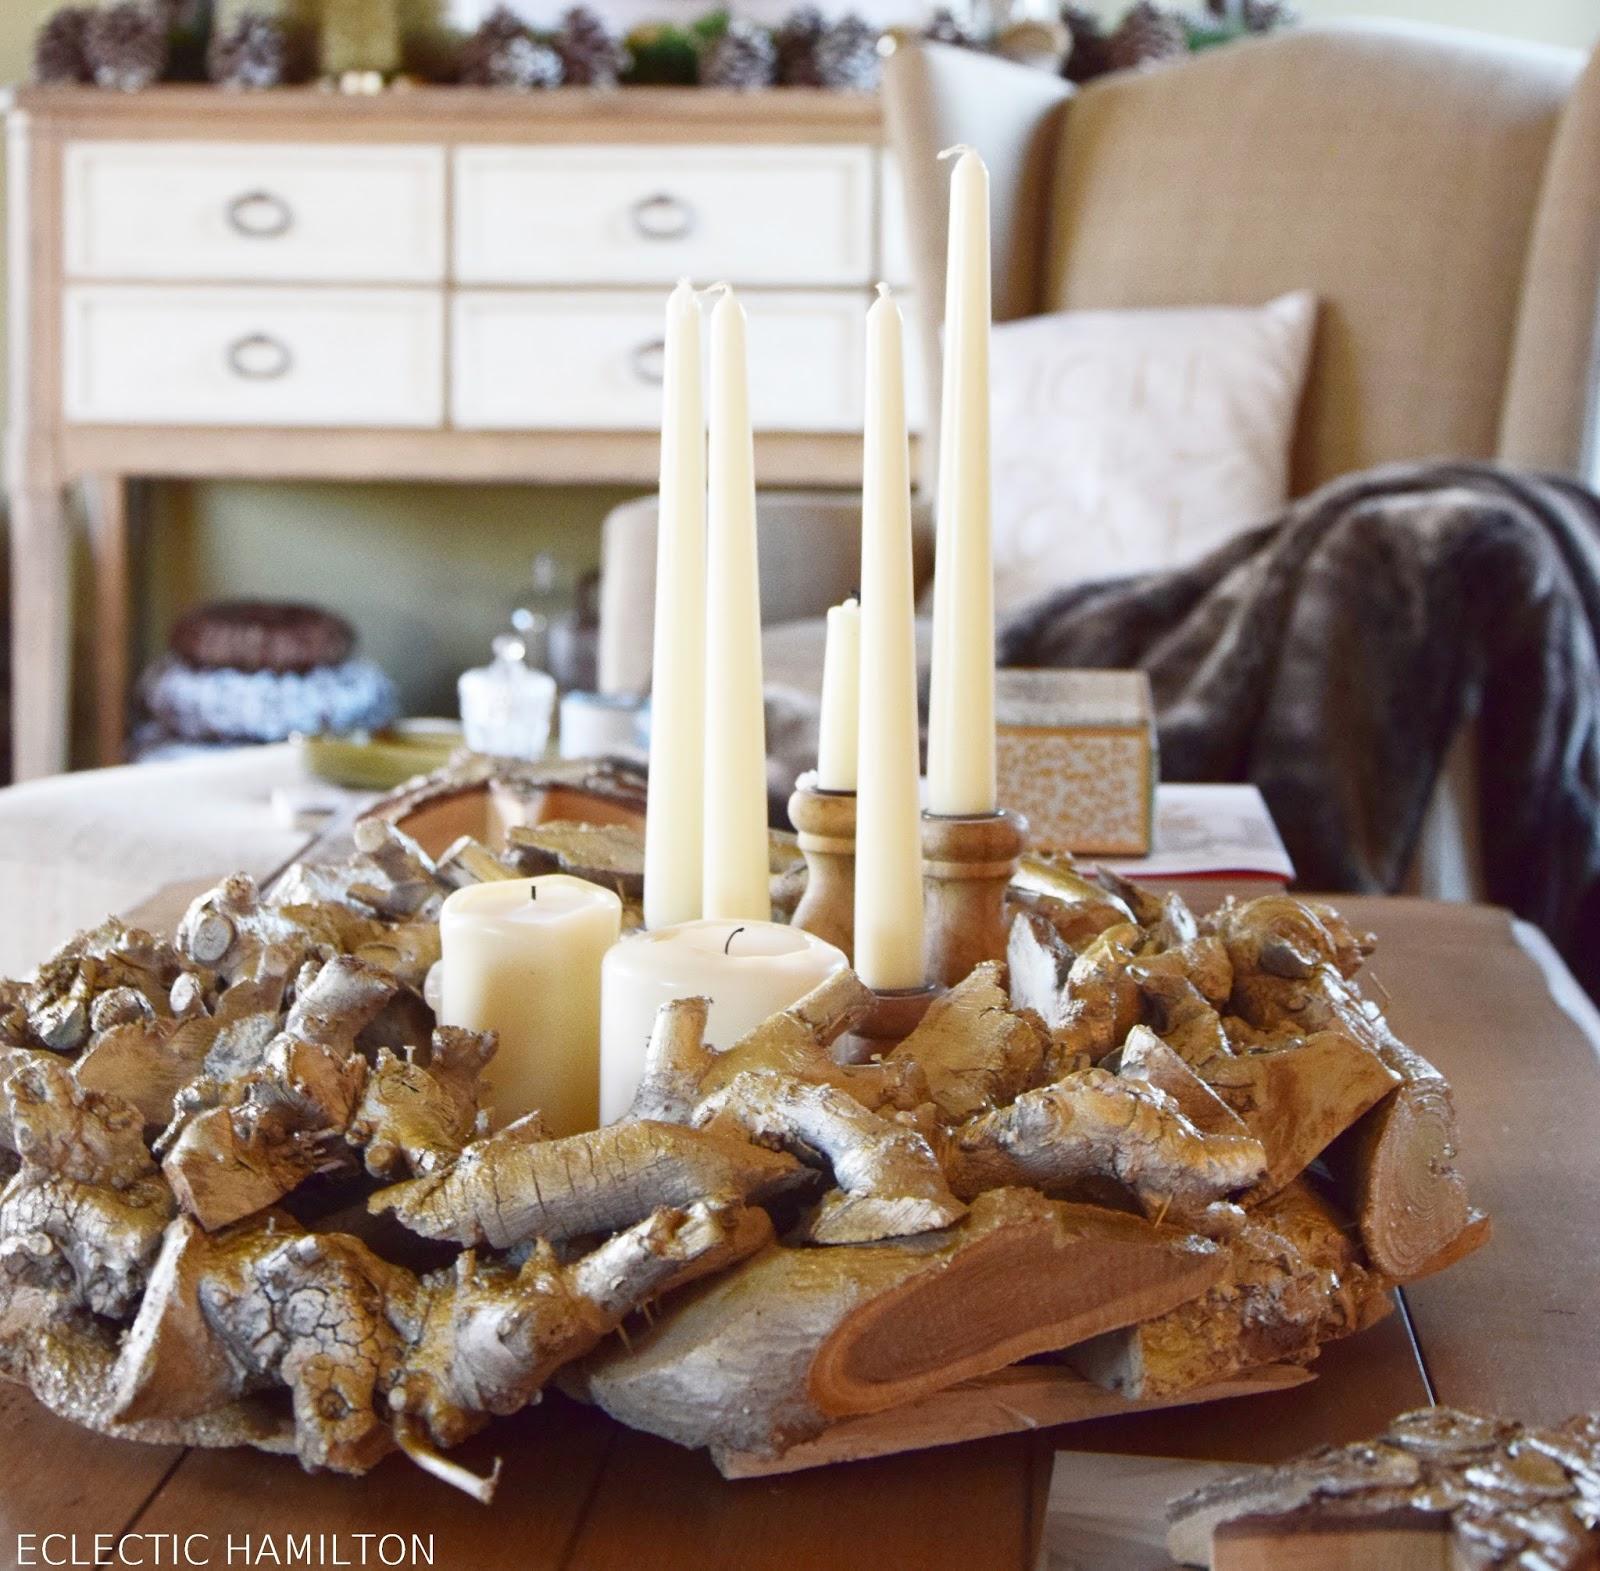 Von Naturkranz zu edler Deko: DIY. Selbstgemacht, Weihnachten, Kranz, Kränze, Weihnachtskränze, Holzkranz, Deko, Dekoration, Farbe, Silber, Gold, Farbspray,